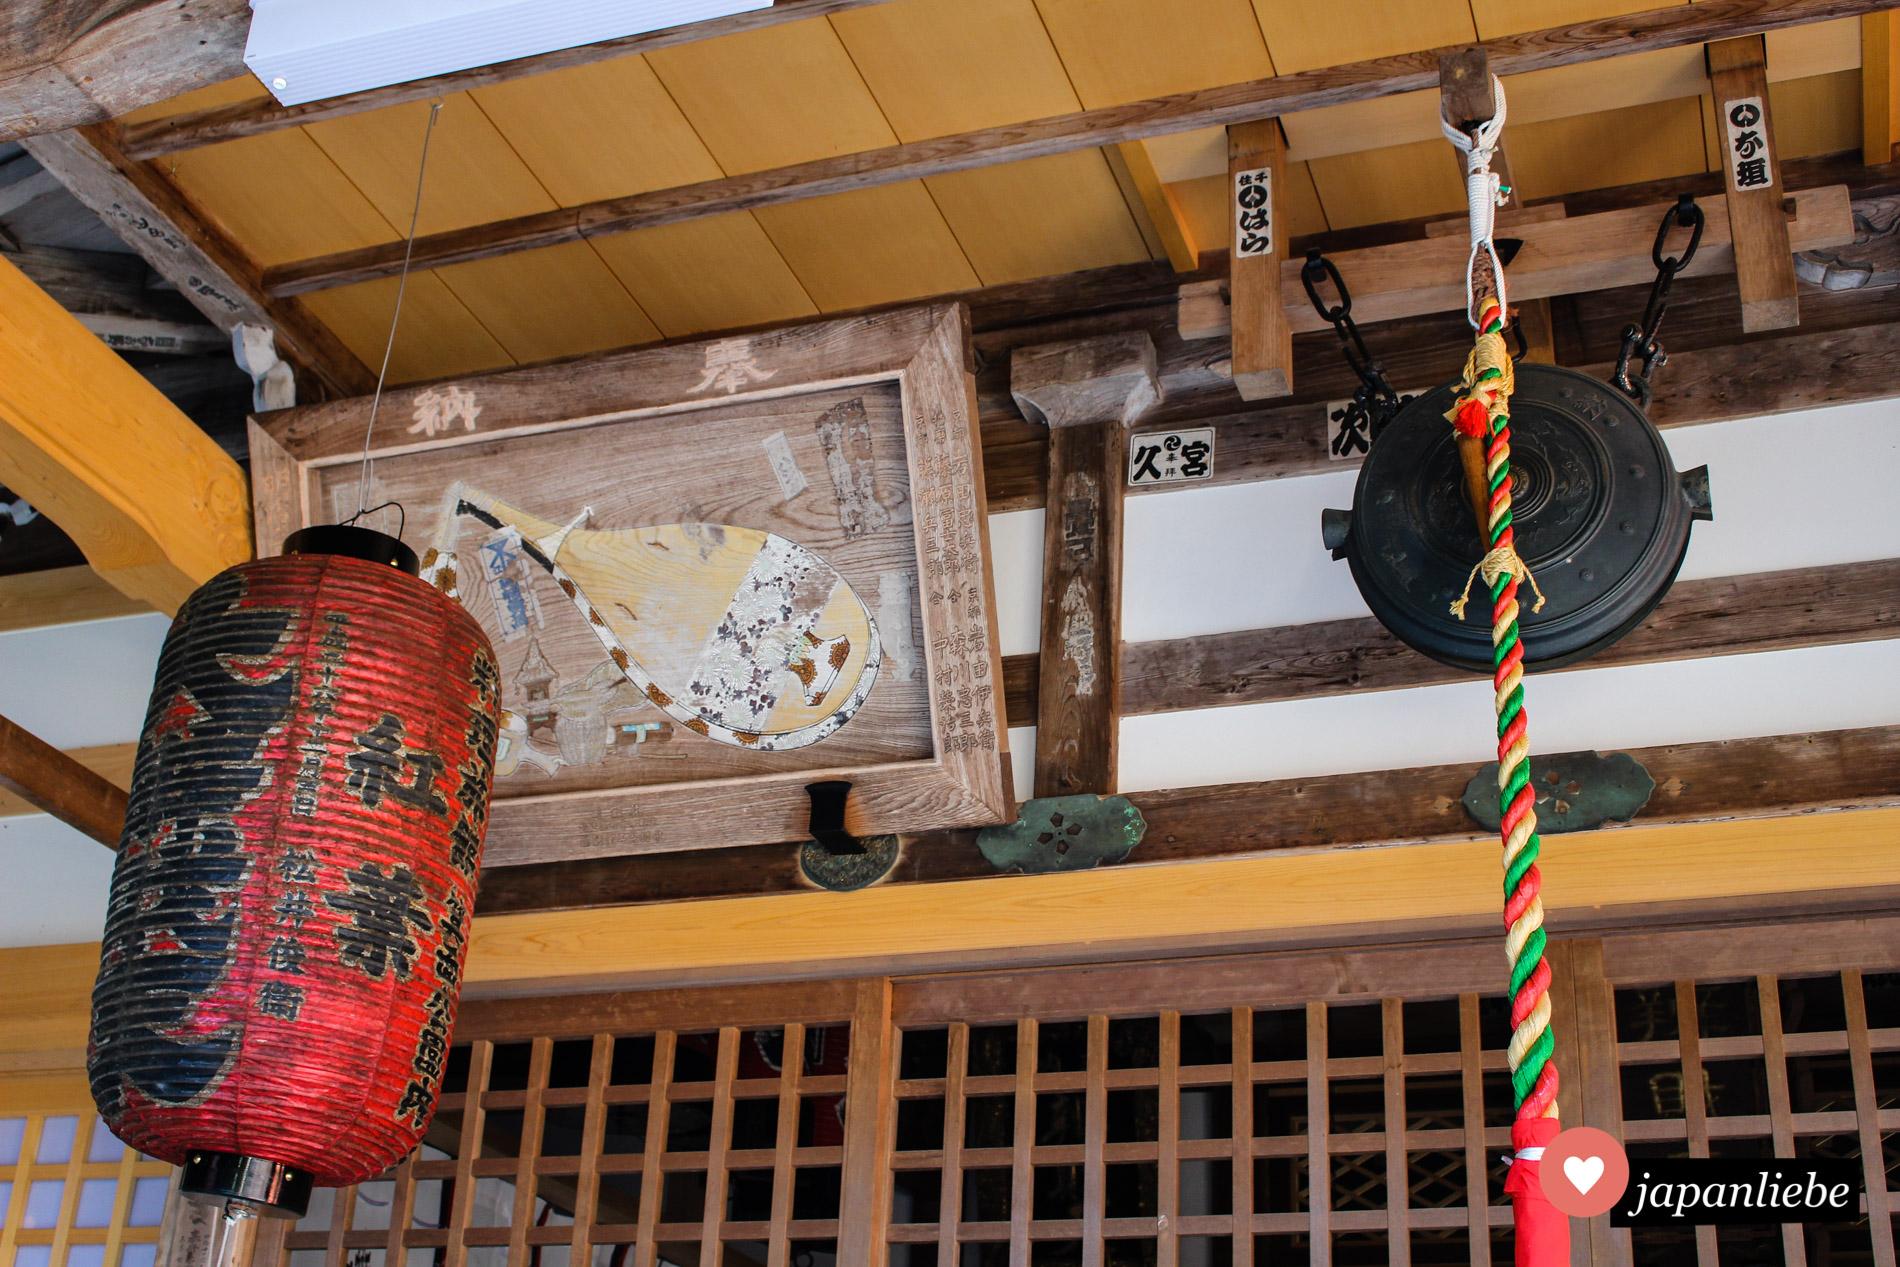 An der Benten-dō Halle des Ryuan-ji Tempels im Minoo Park sind einige senjafuda Pilger-Namensaufkleber an ganz besonderen Stellen zu finden.